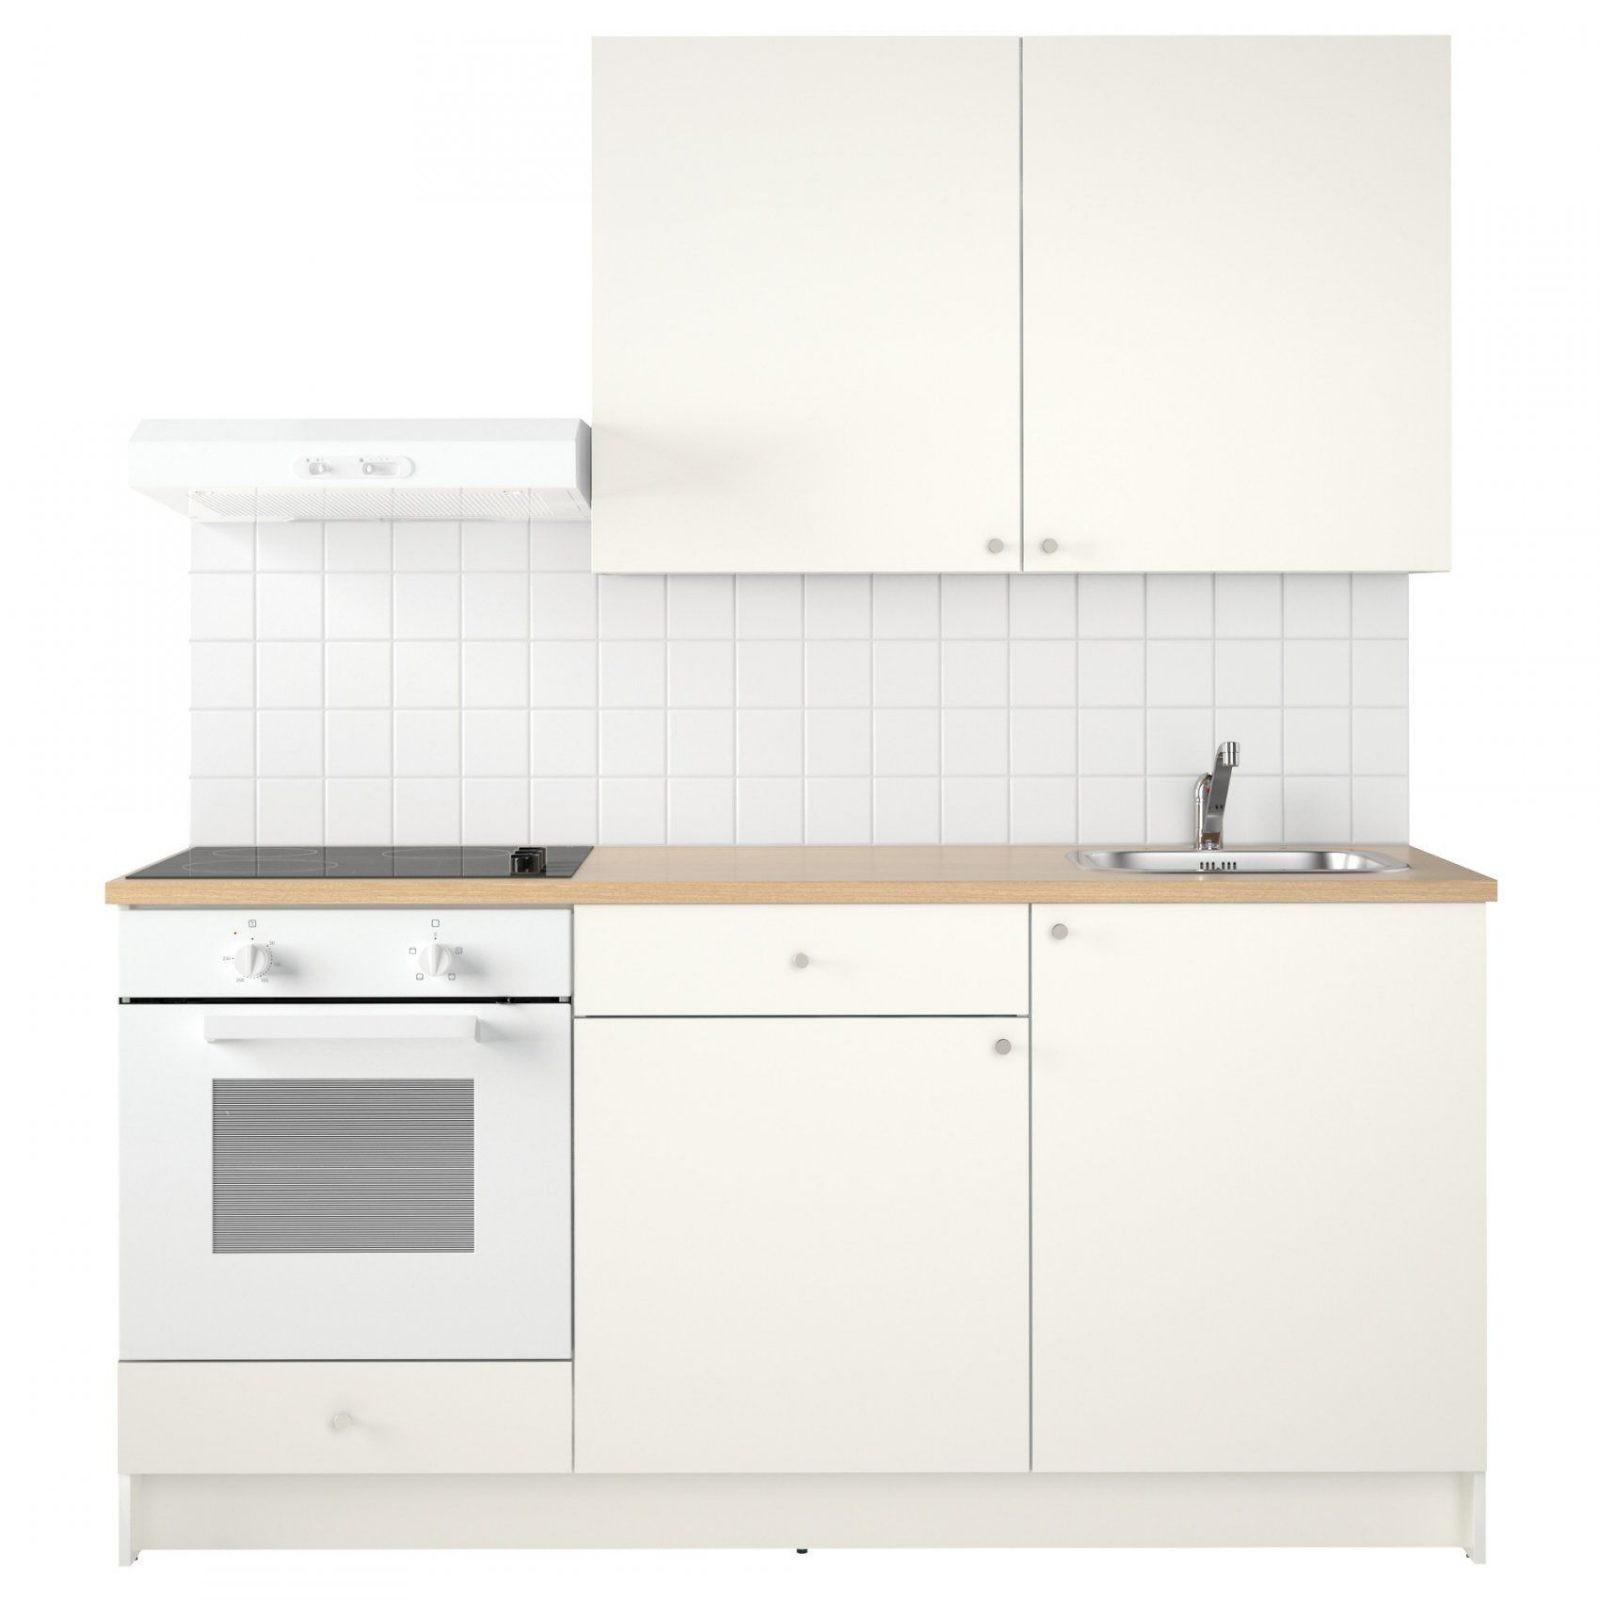 Neue Küche Günstig Kaufen Kuchen Komplette Kuche Planen Und von Küche Günstig Kaufen Ikea Bild